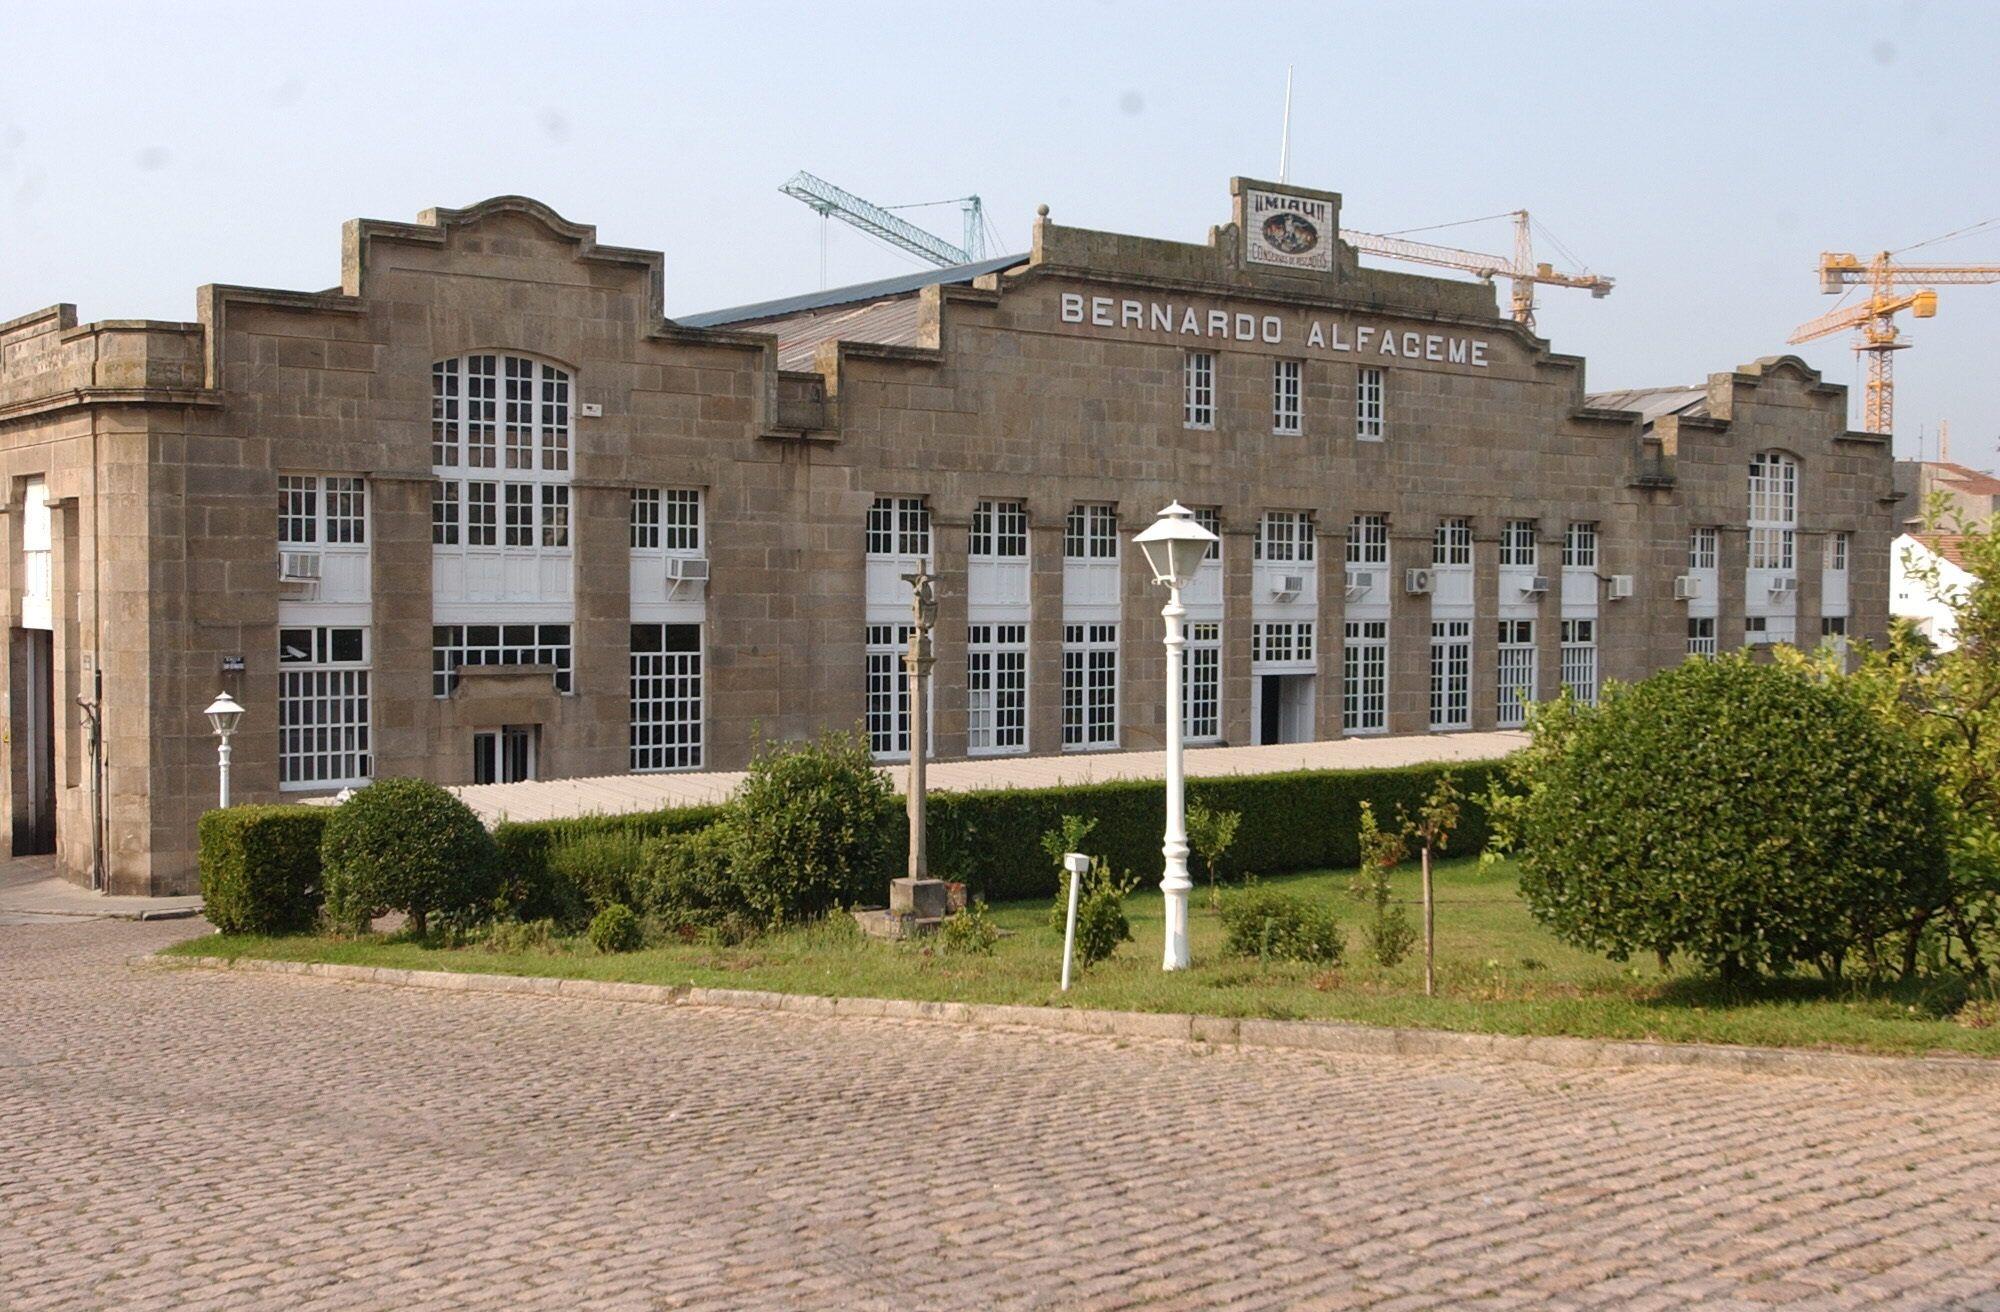 13.fabrica conservas alfageme ricardo grobas.jpg